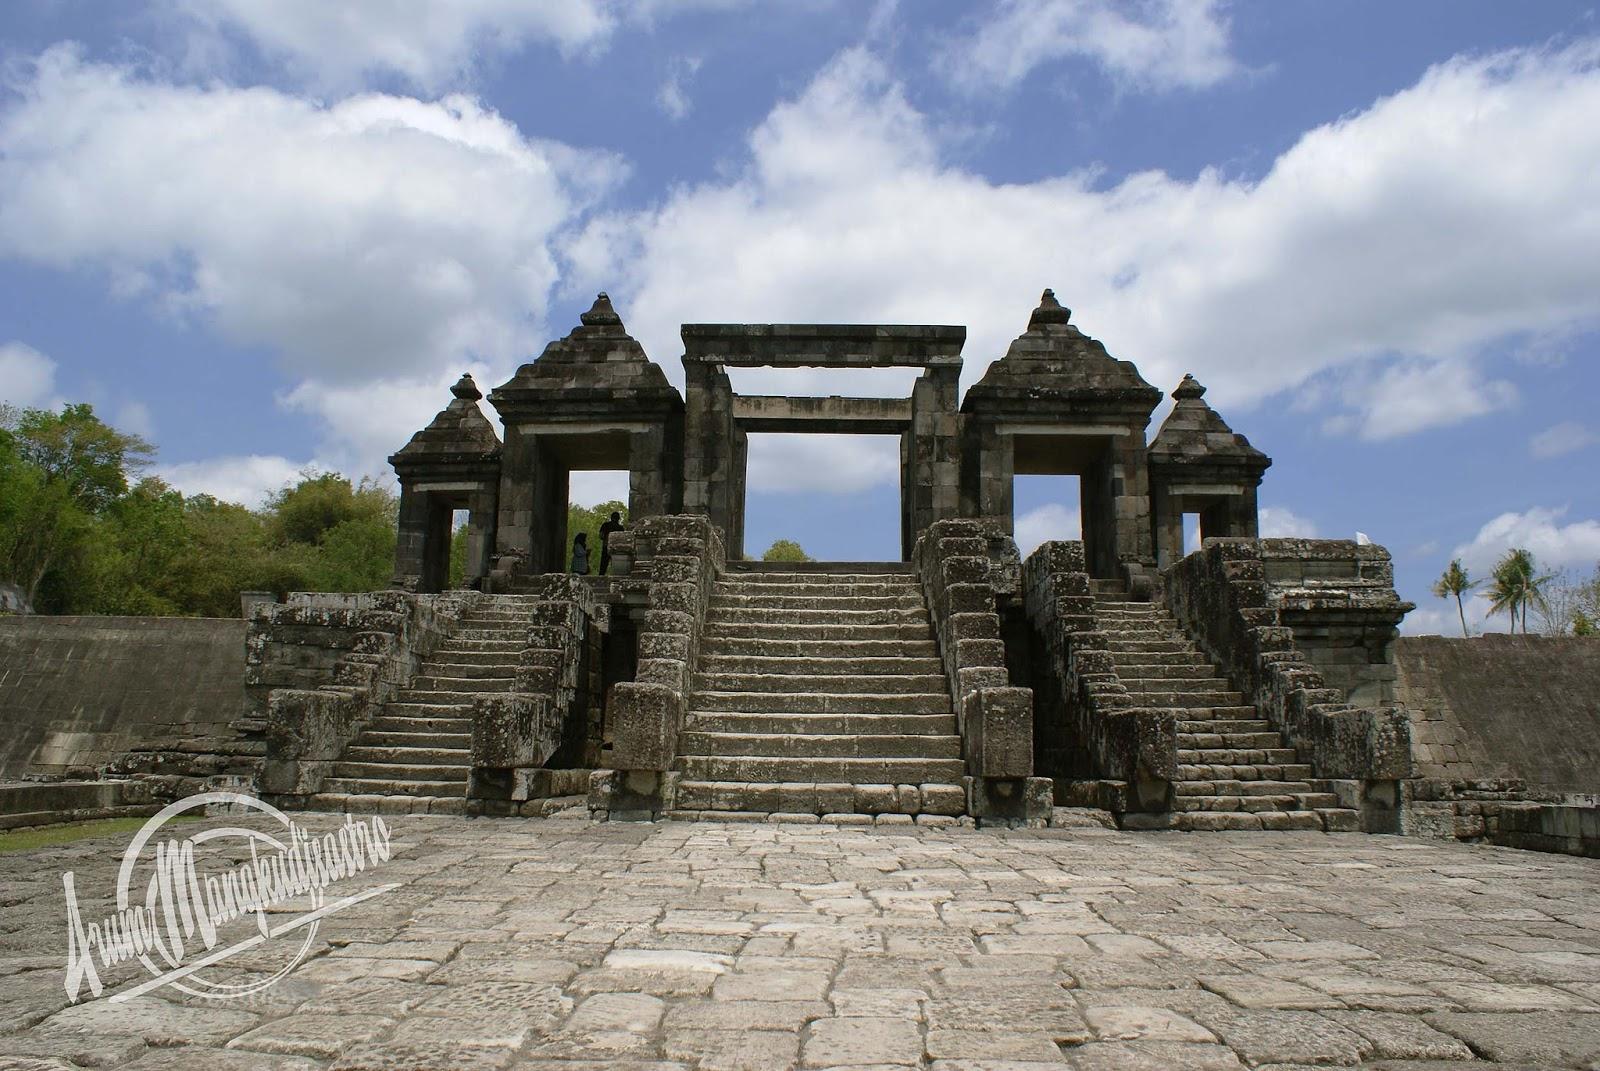 Indonesia Sungguh Indah Keraton Ratu Boko Istana Kedamaian Candi Kab